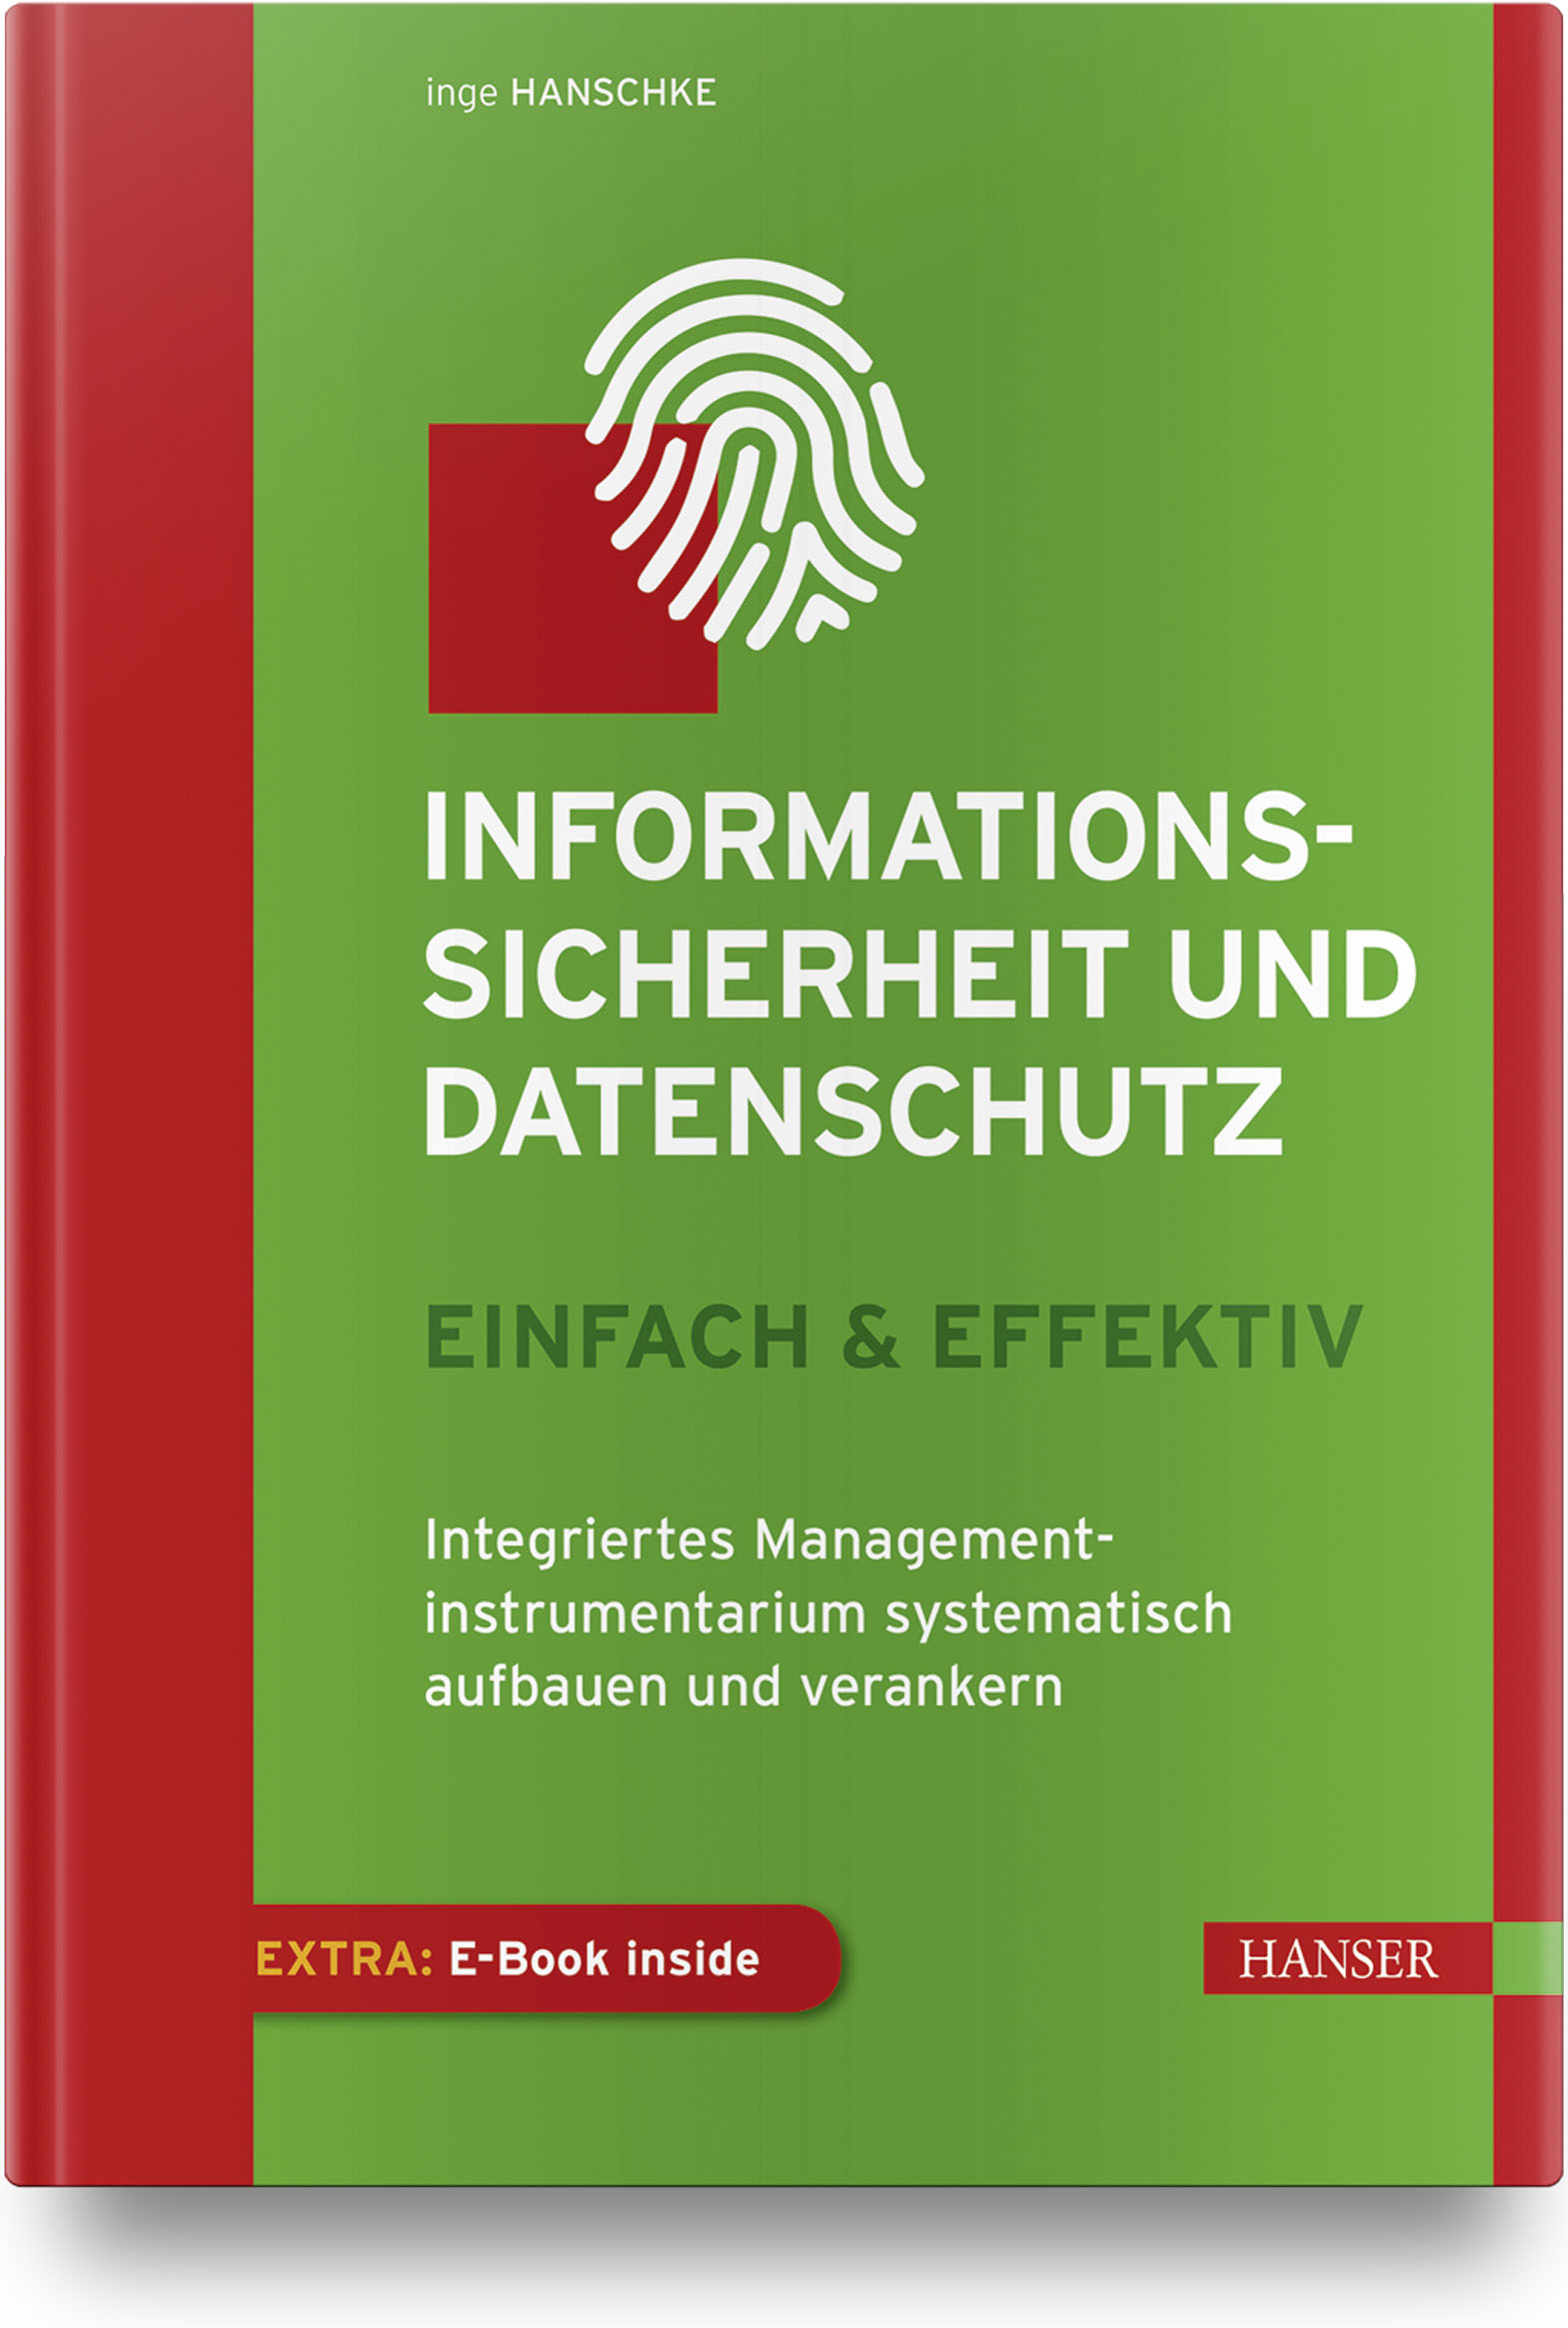 Hanschke, Informationssicherheit und Datenschutz  – einfach & effektiv, 978-3-446-45818-5